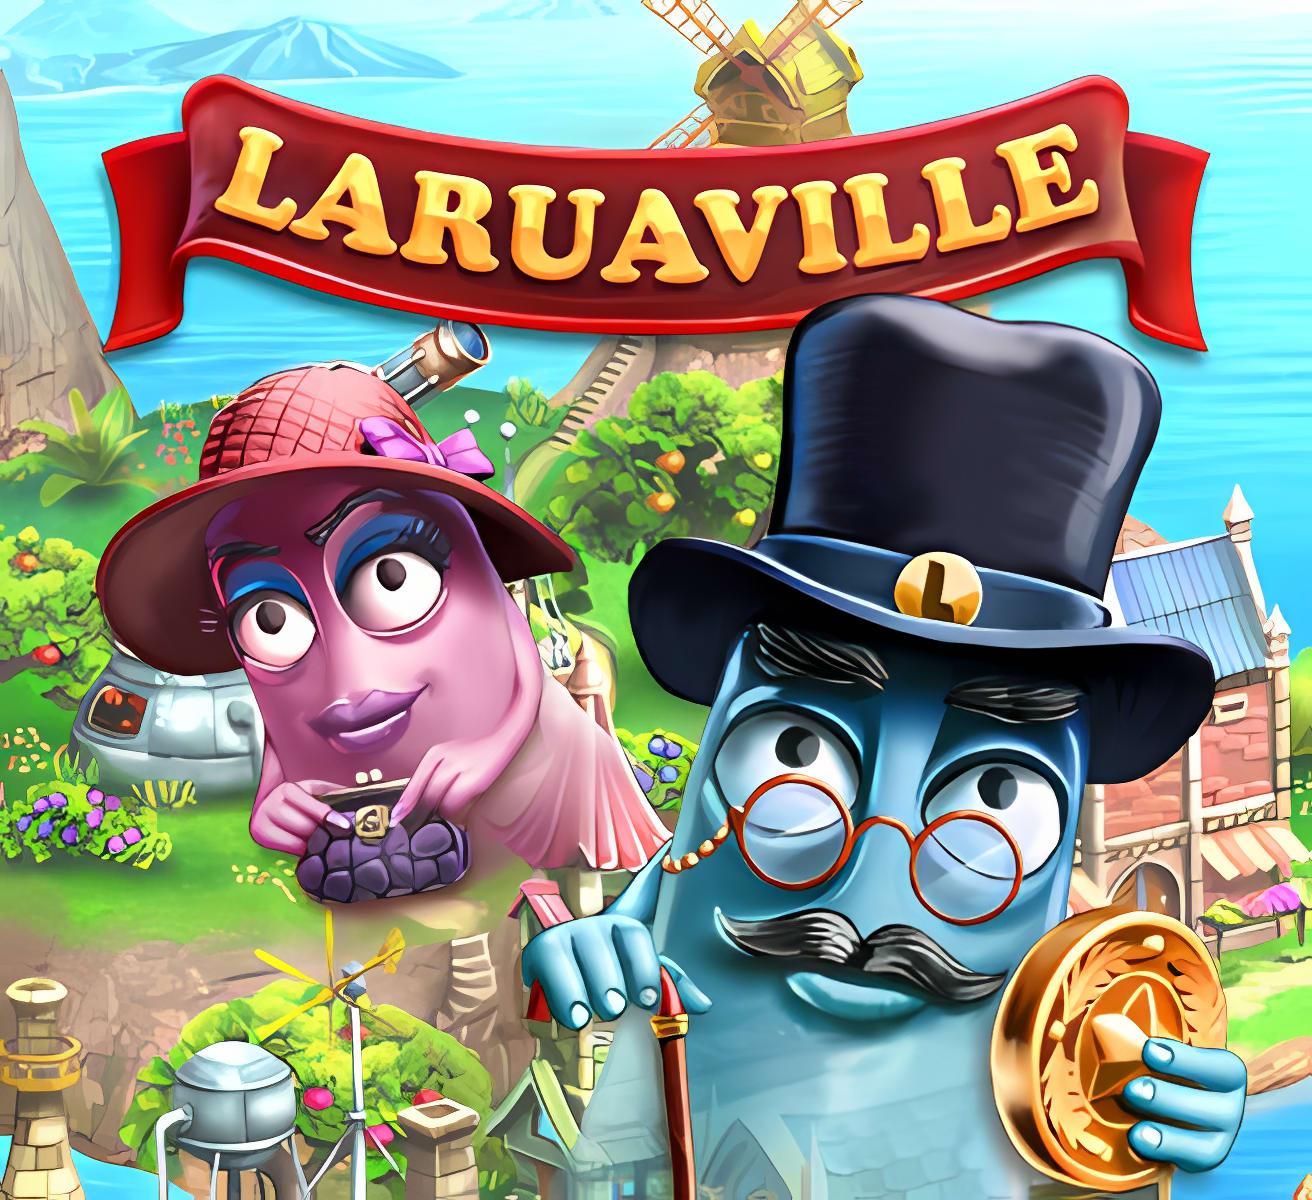 Laruaville 1.0.0.46